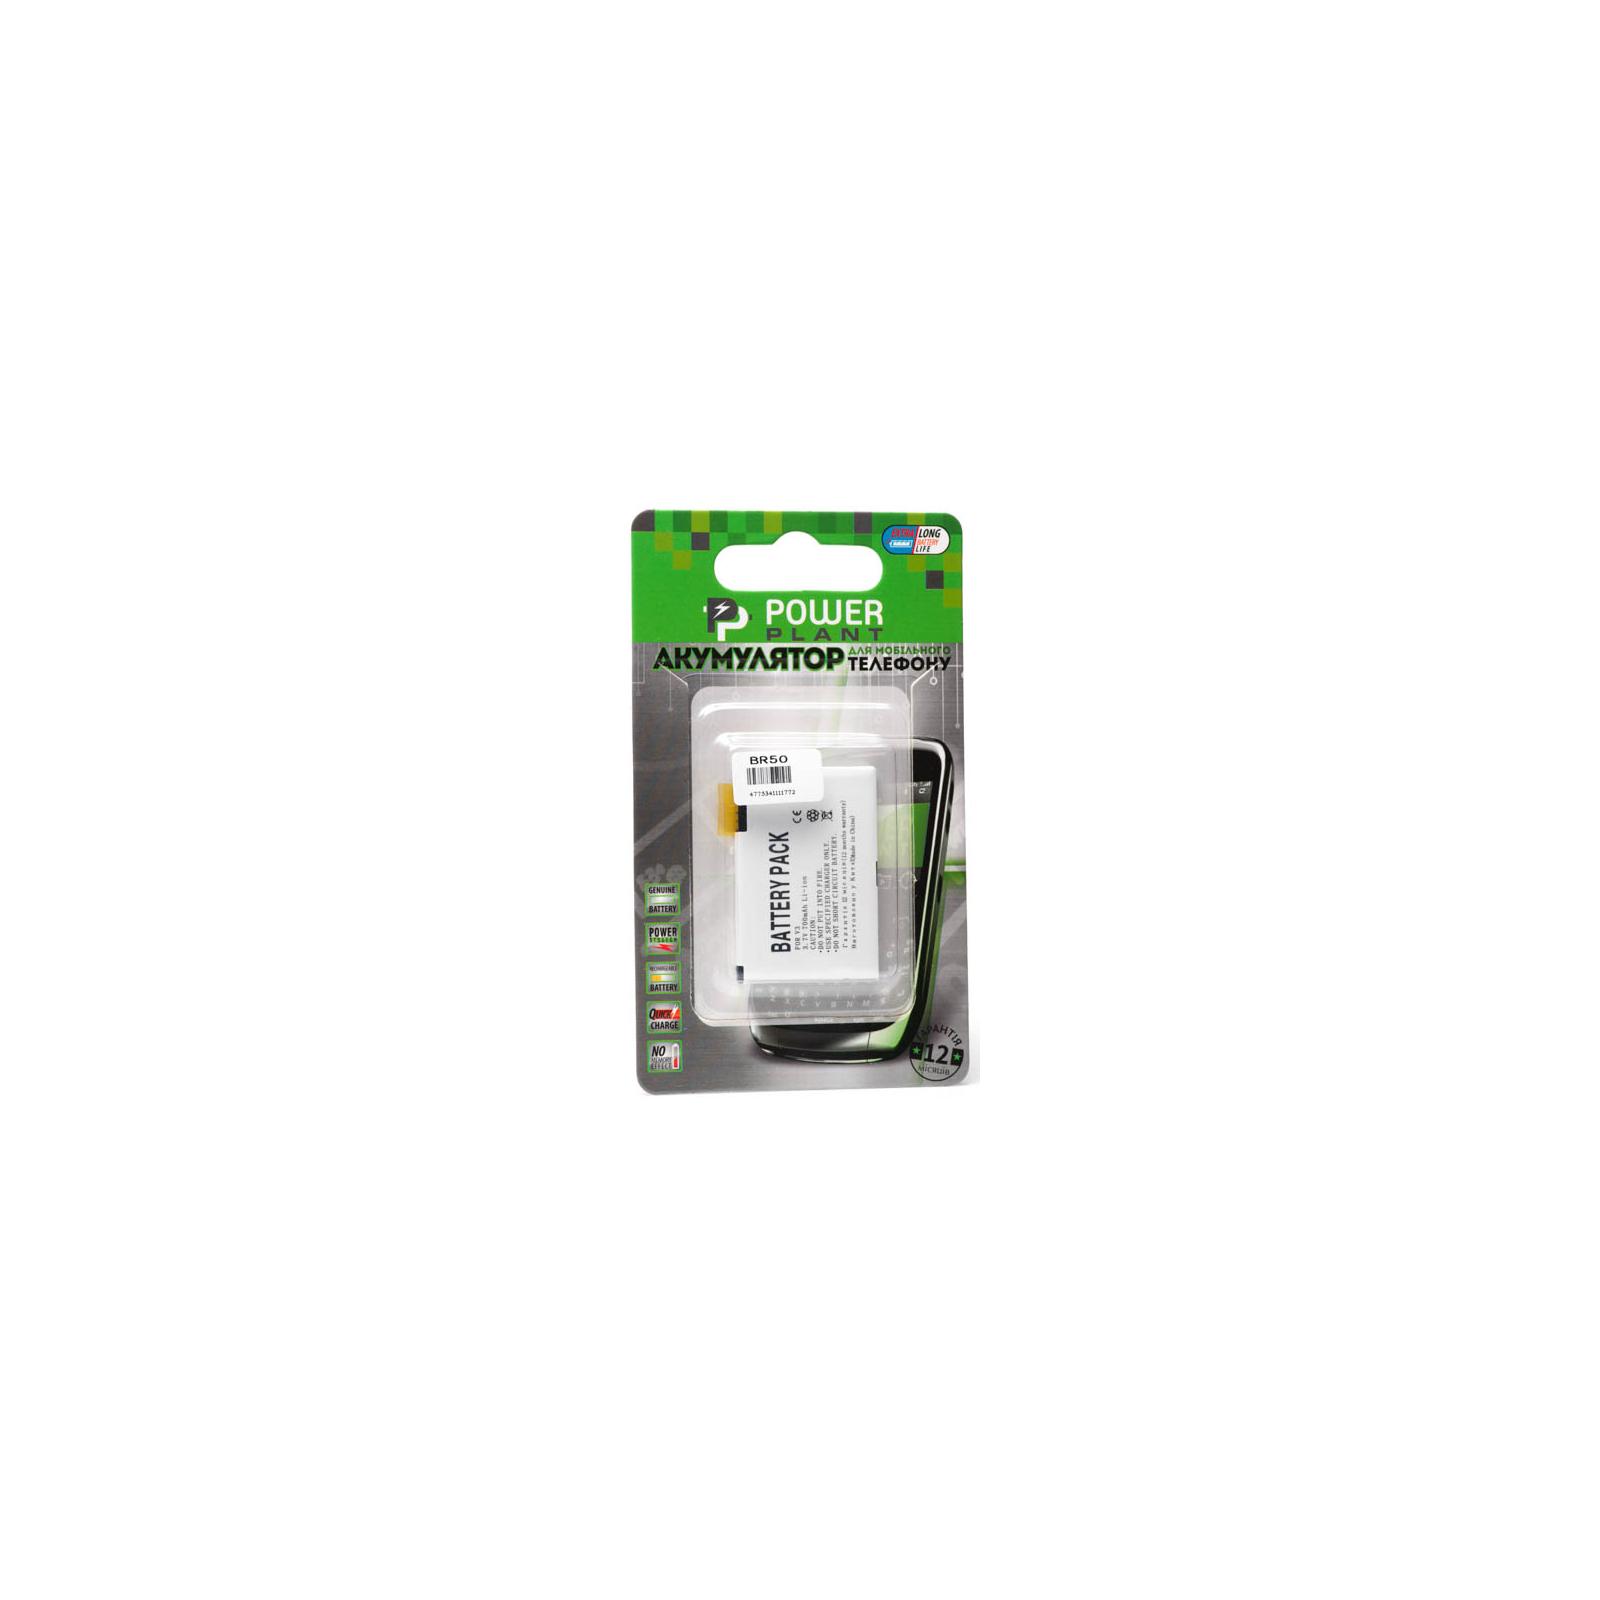 Аккумуляторная батарея PowerPlant Motorola V3, BR50 (DV00DV1177)